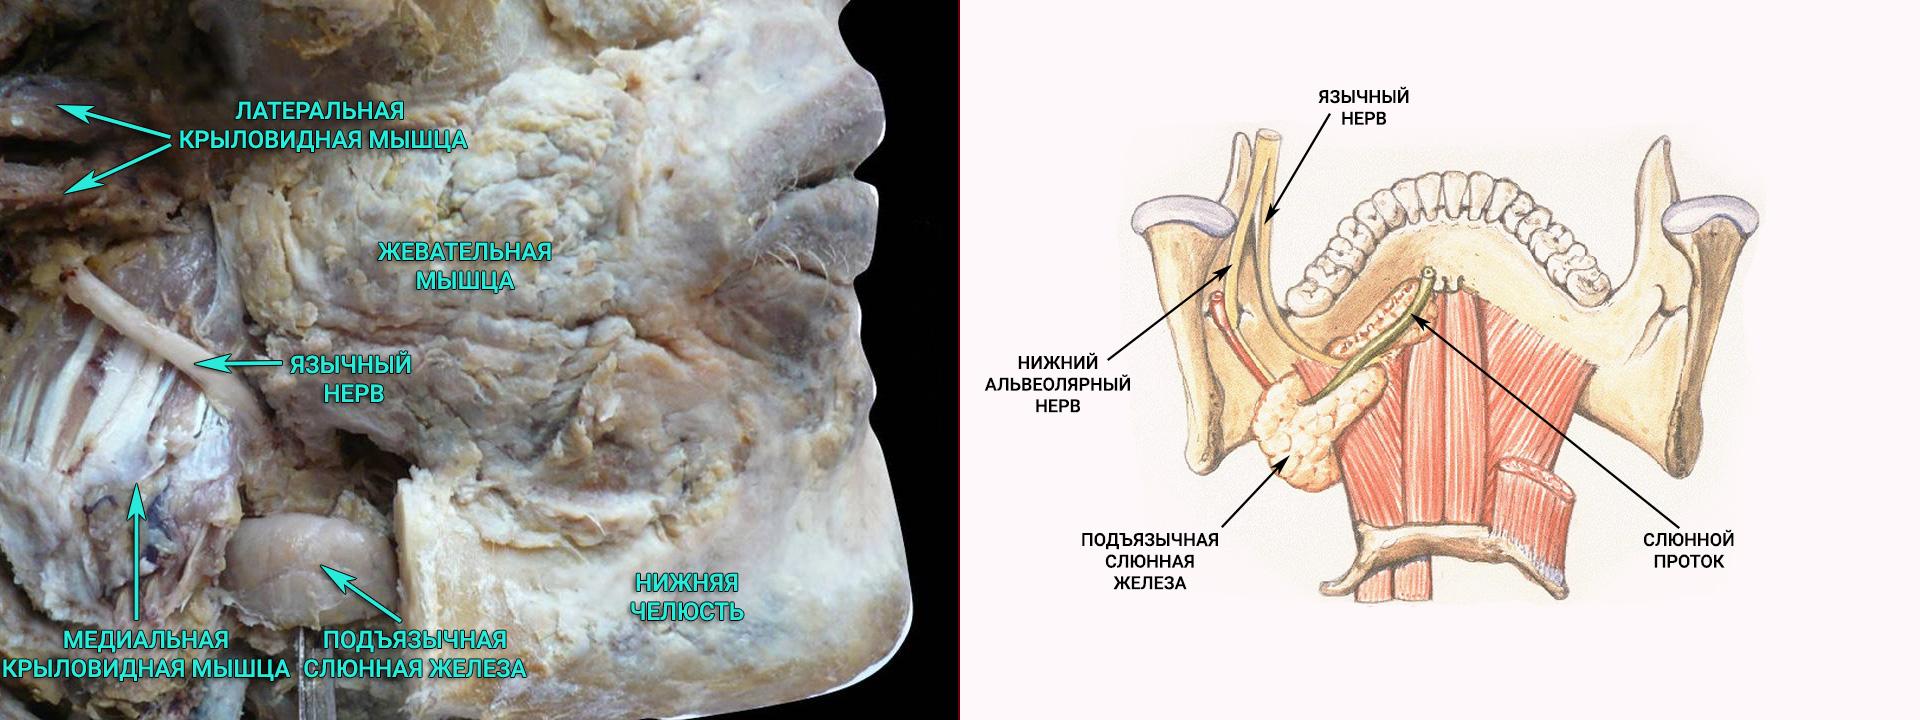 Ход язычного нерва и нижнеальвеолярного нерва. Вид сзади